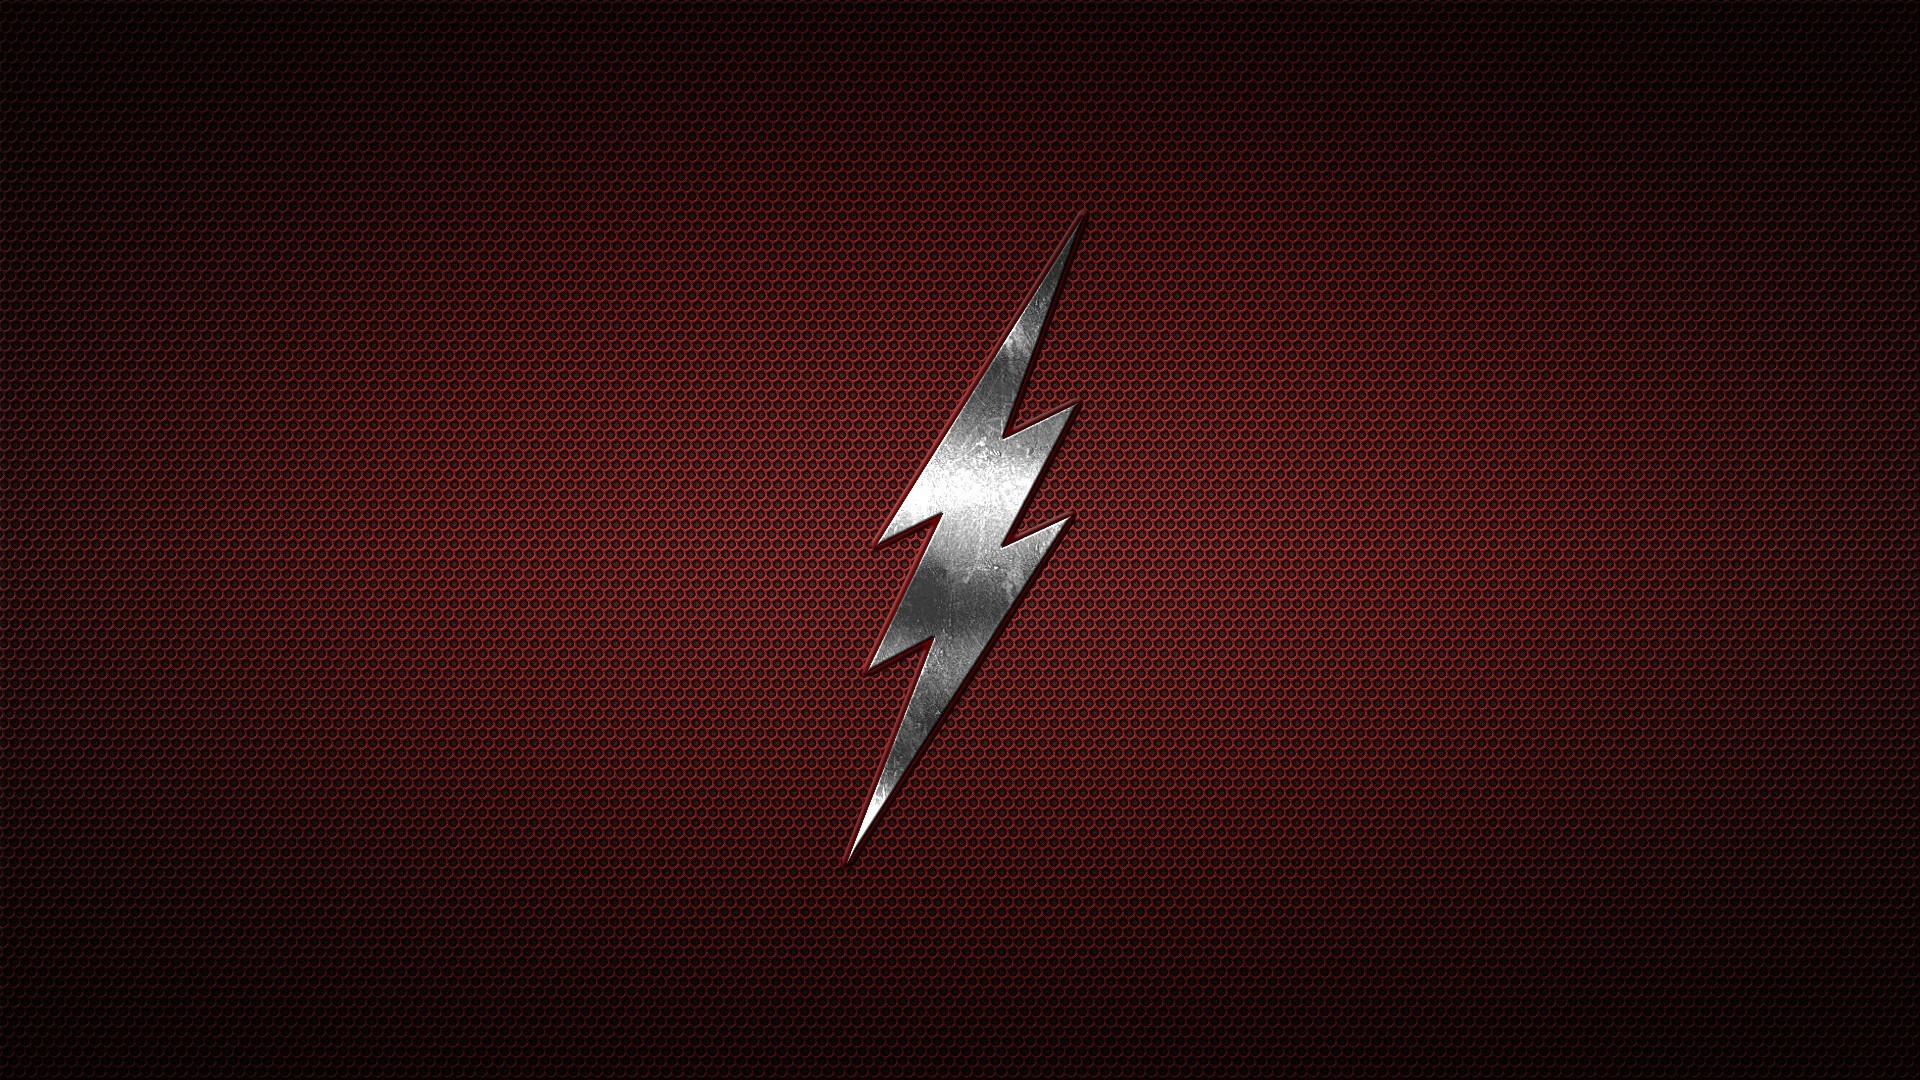 The Flash, Flash, Logo, Minimalism, Blitz